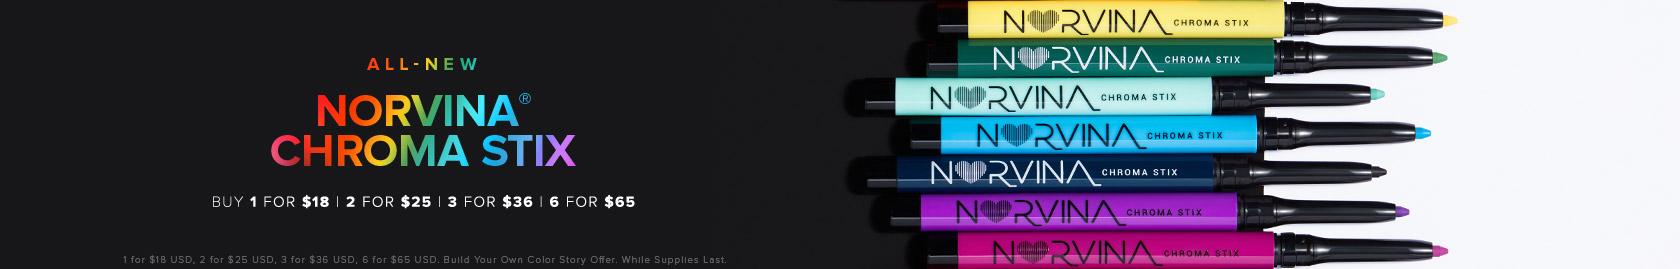 All New Norvina Chroma Stix